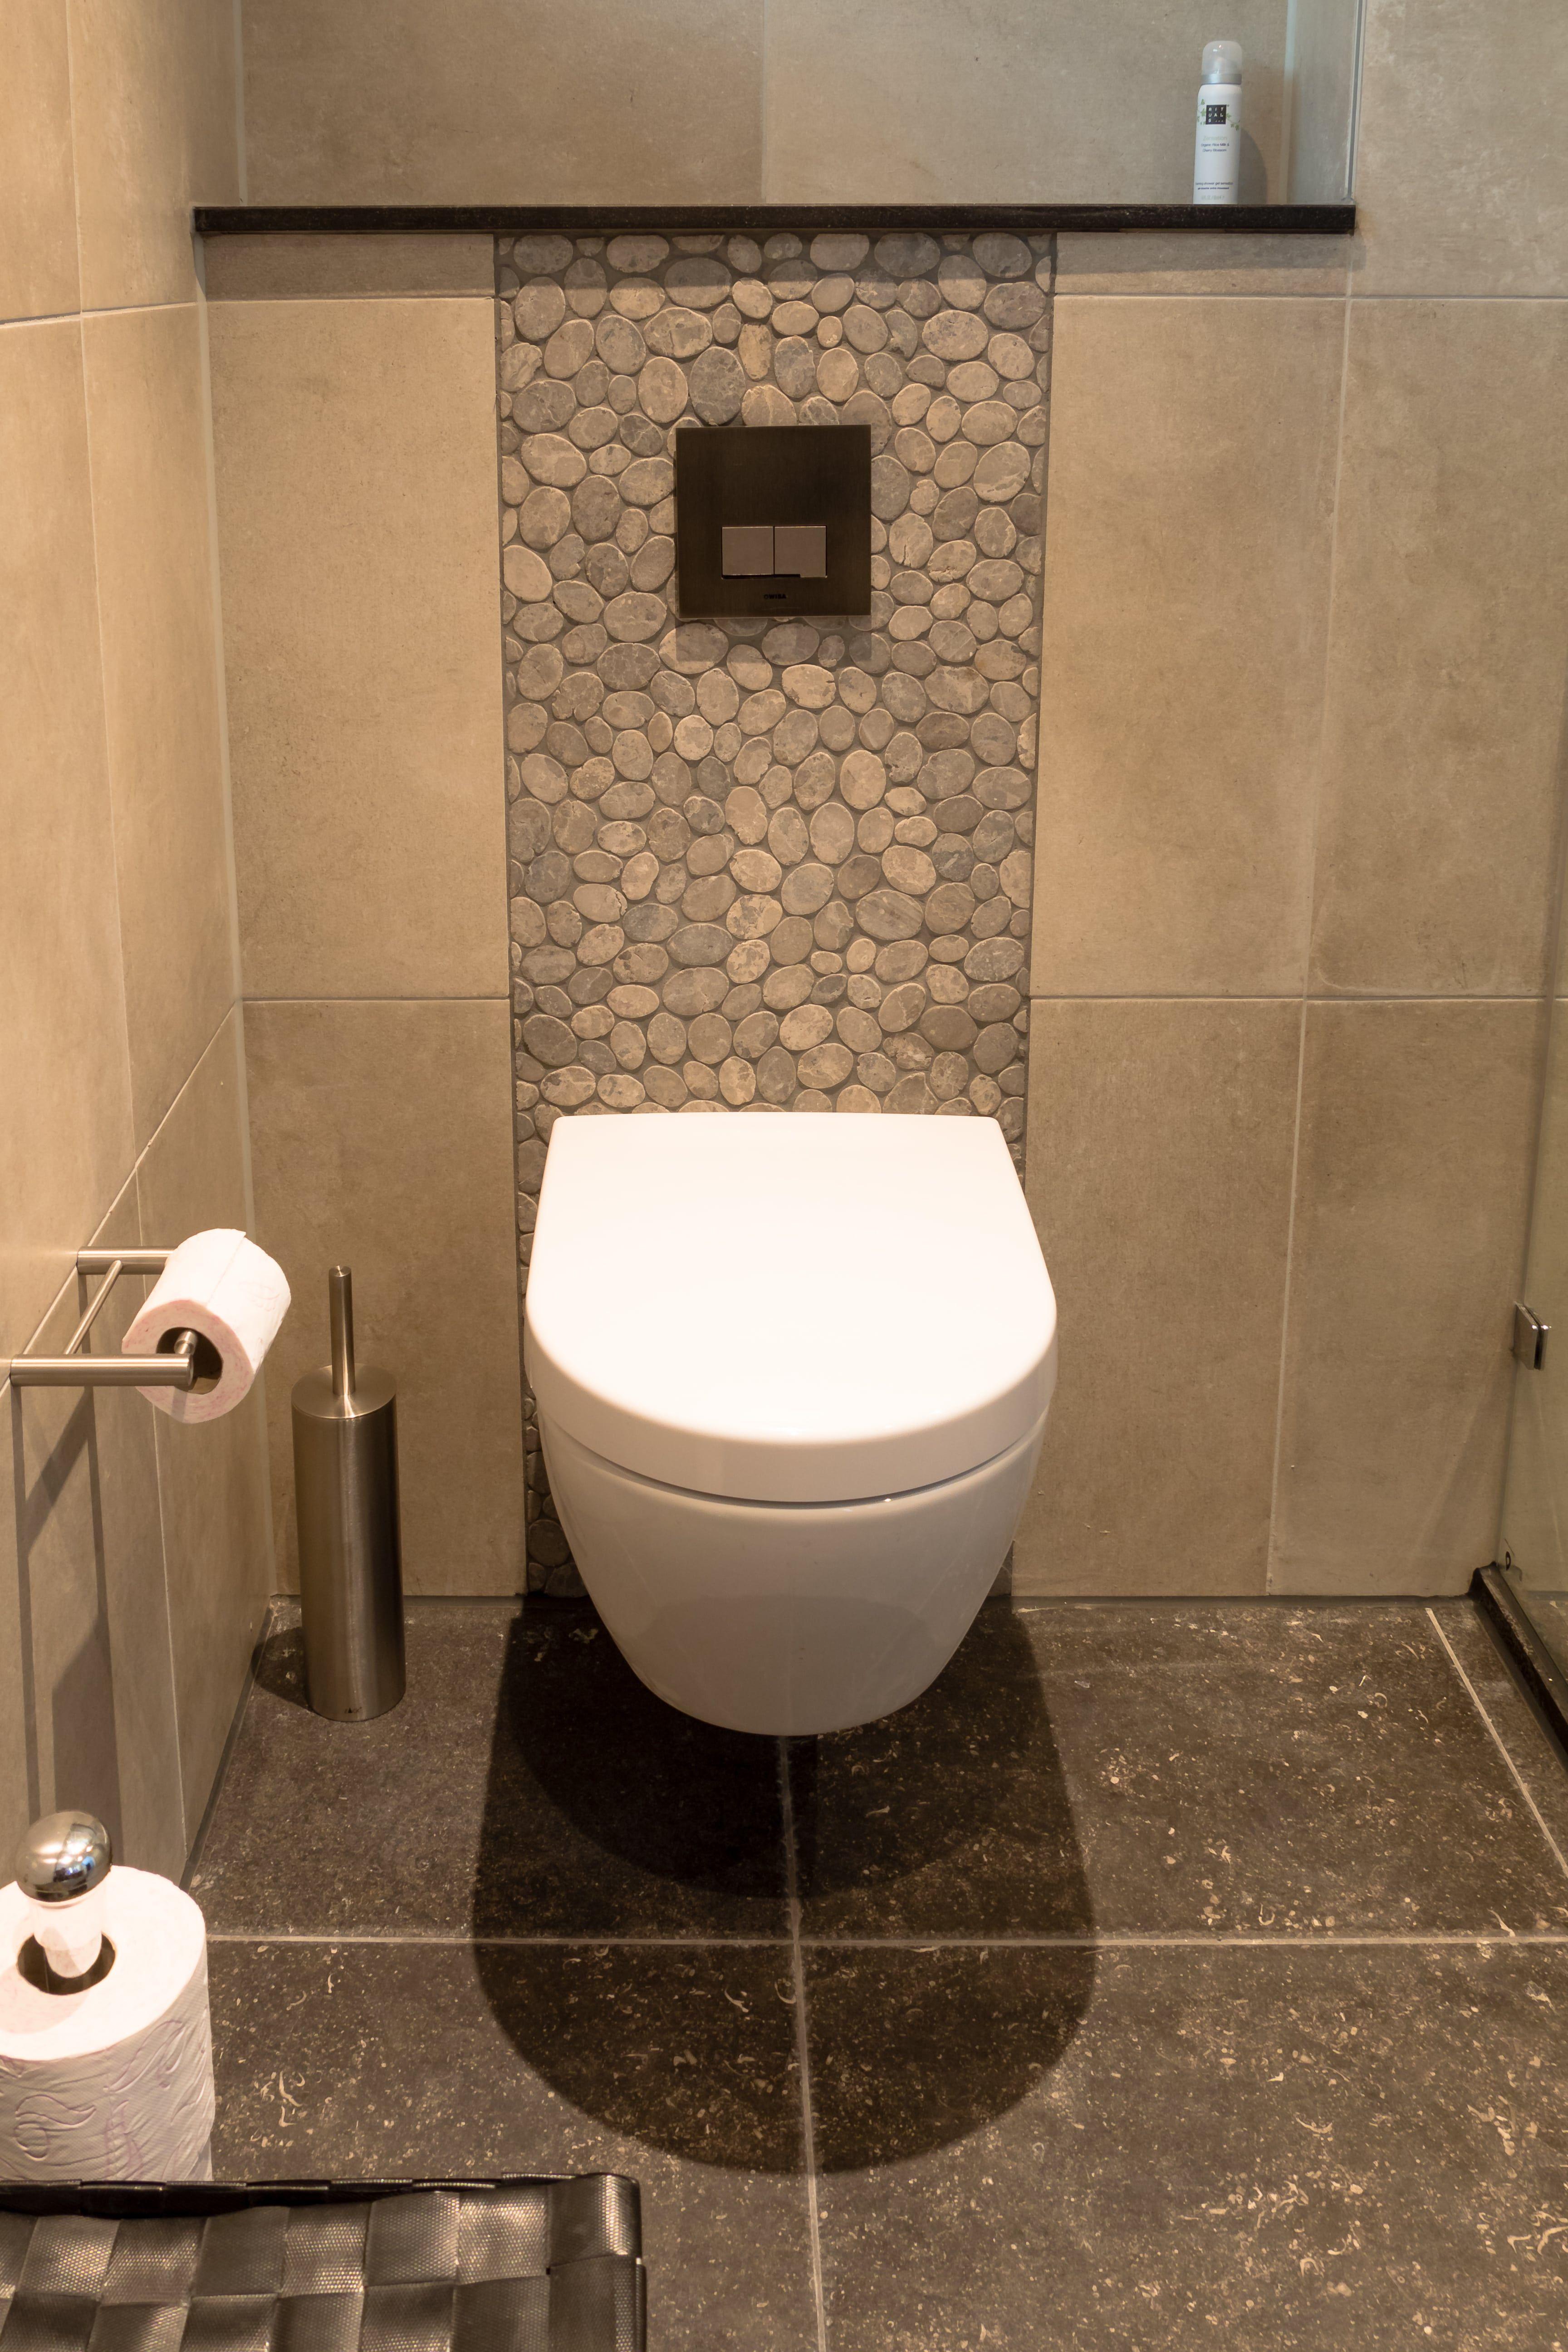 Landelijke badkamer met natuursteen look a like vloertegels met getrommelde randen extra grote - Wc tegel ...